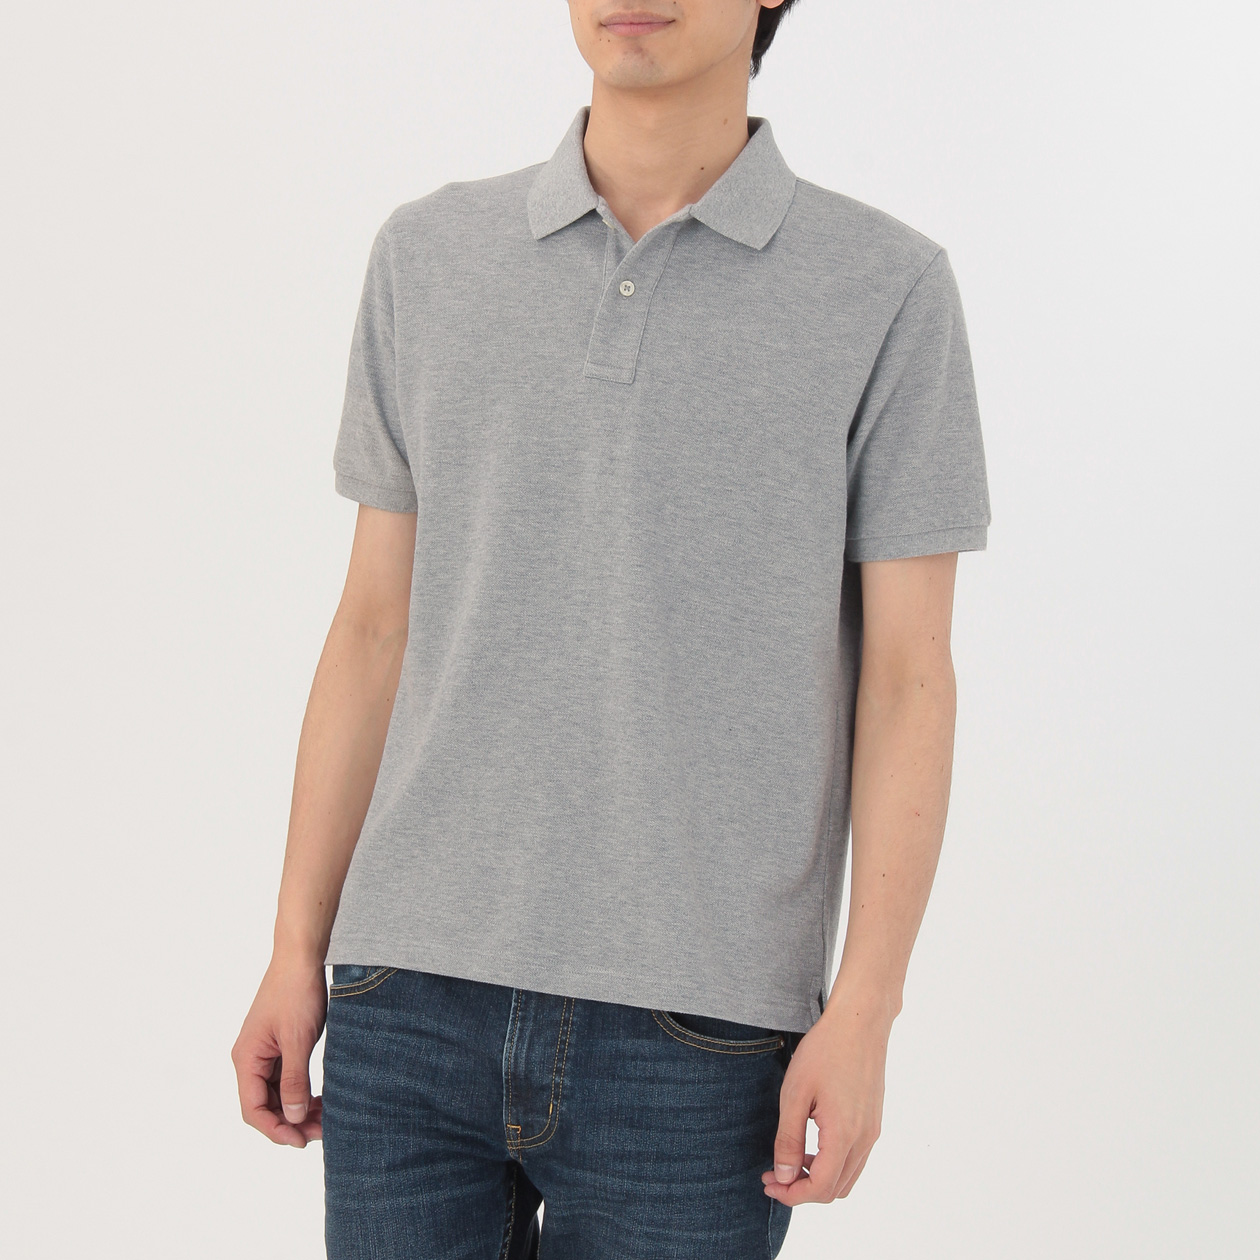 新疆綿 鹿の子編み半袖ポロシャツ